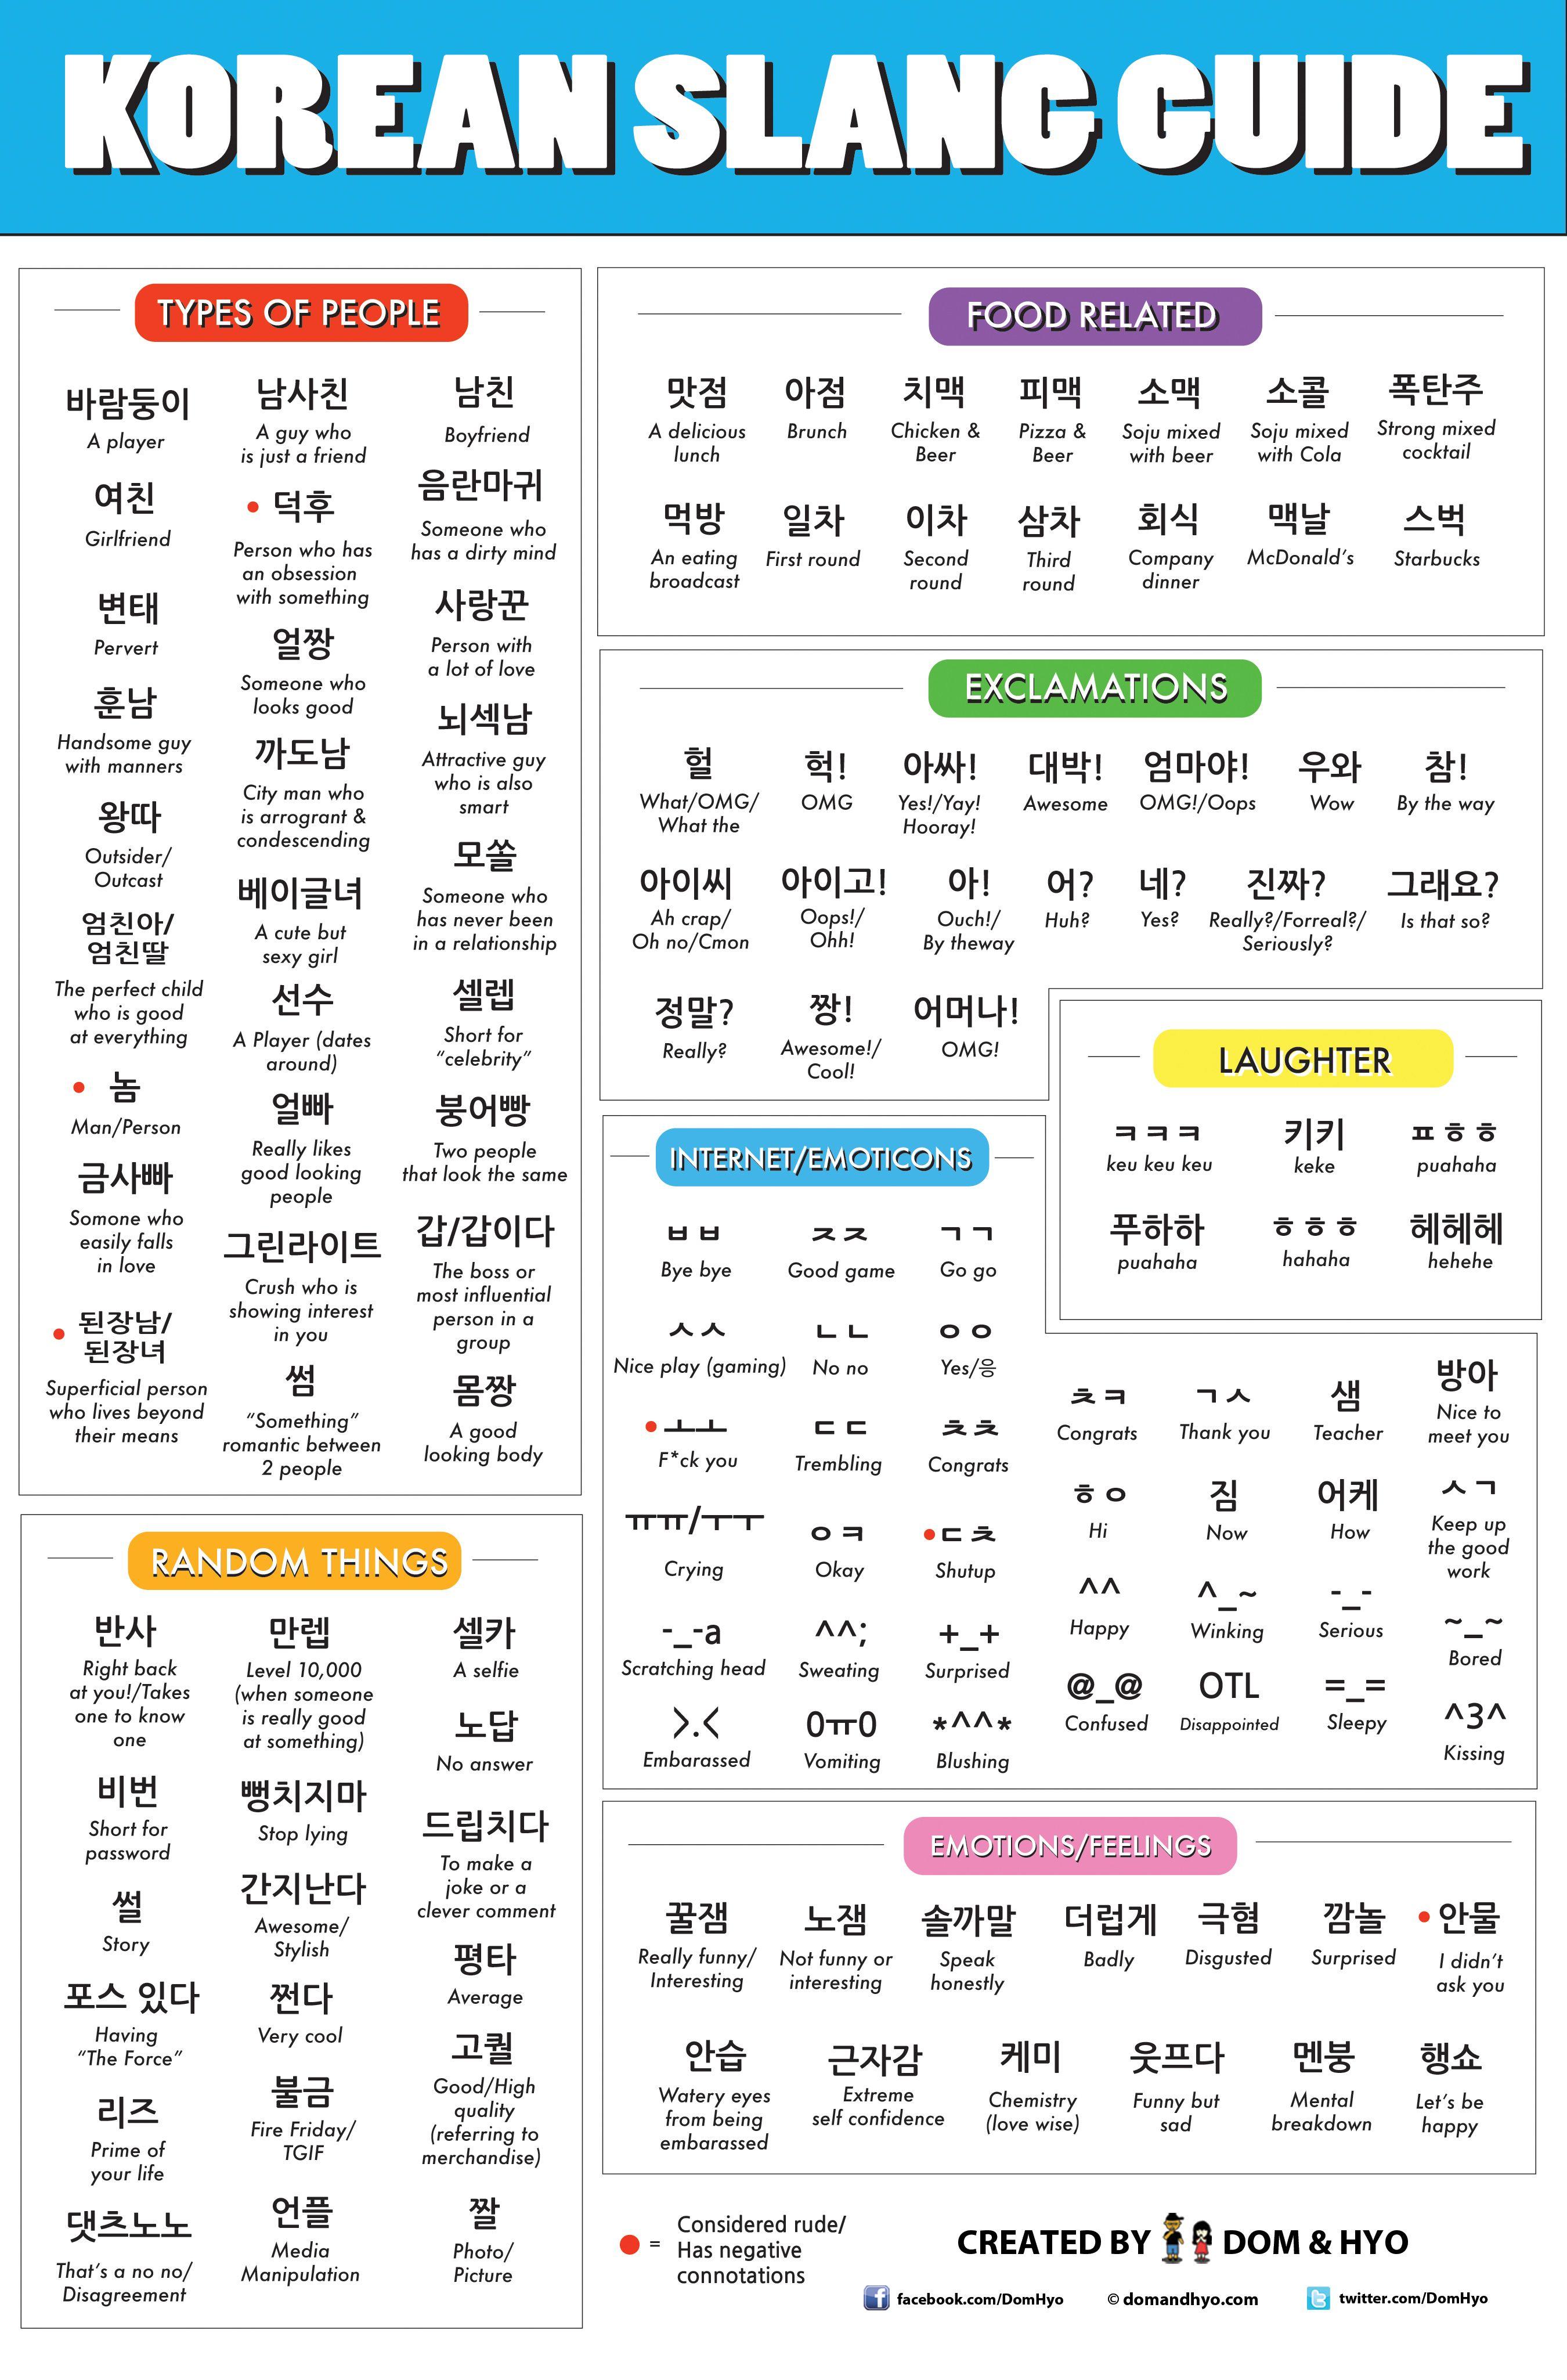 Korean Slang Guide